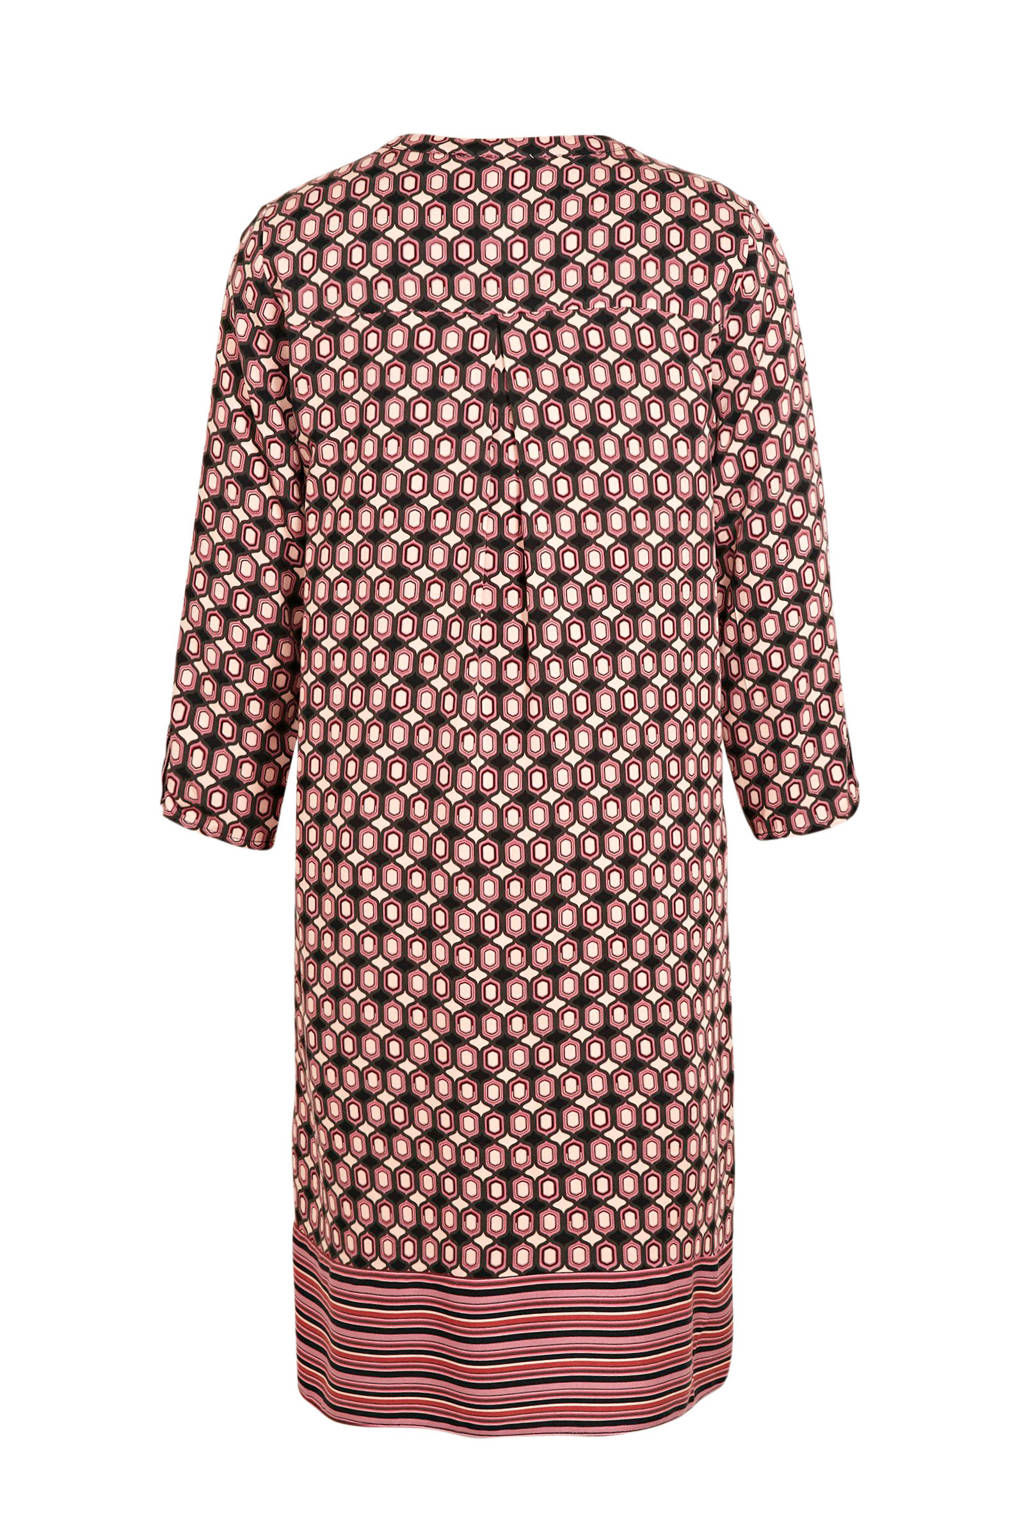 C&A jurk met all over print roze/beige/zwart, Roze/beige/zwart